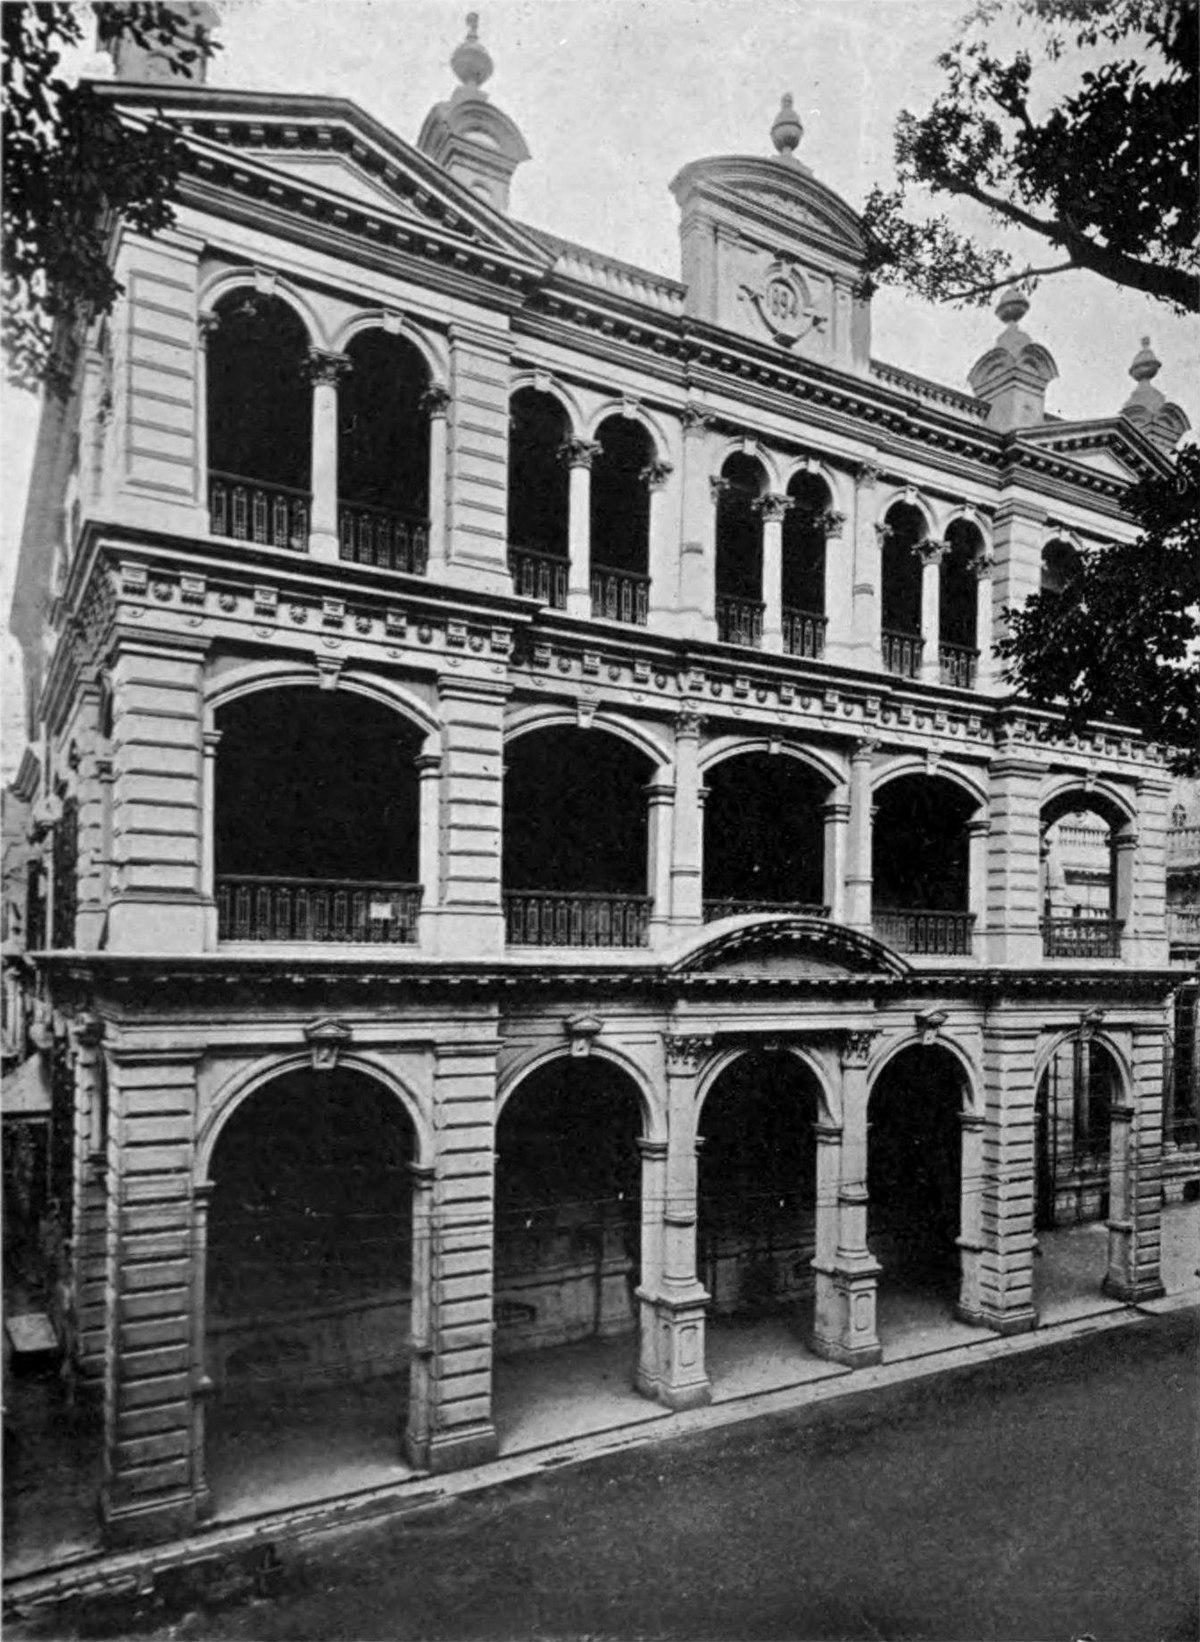 印度新金山中國渣打銀行 - 維基百科,自由的百科全書